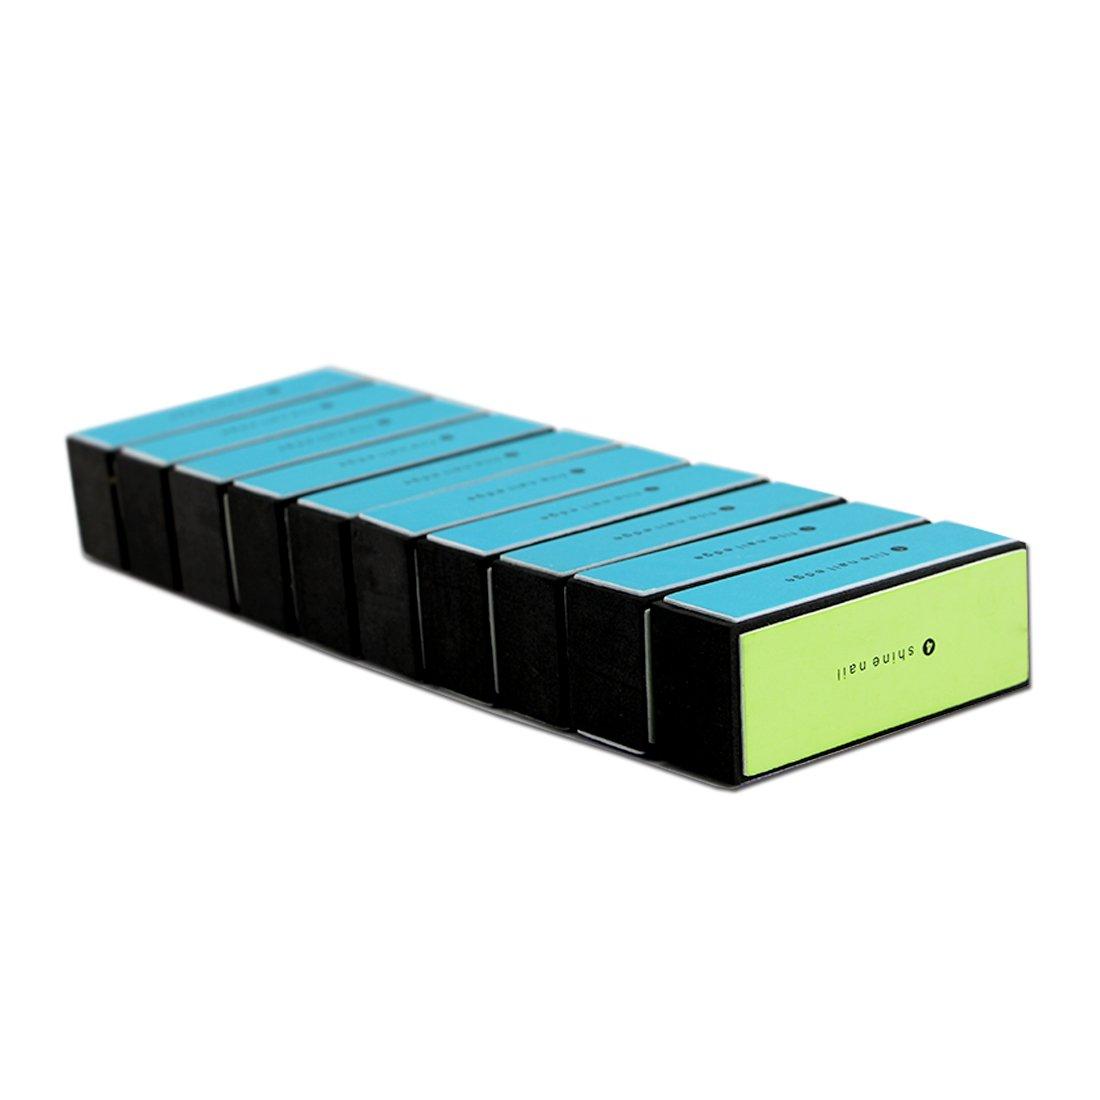 Amazon.com : EZGO 10 Pieces Large Size 4 Way Shiny Nail Block, 4 ...